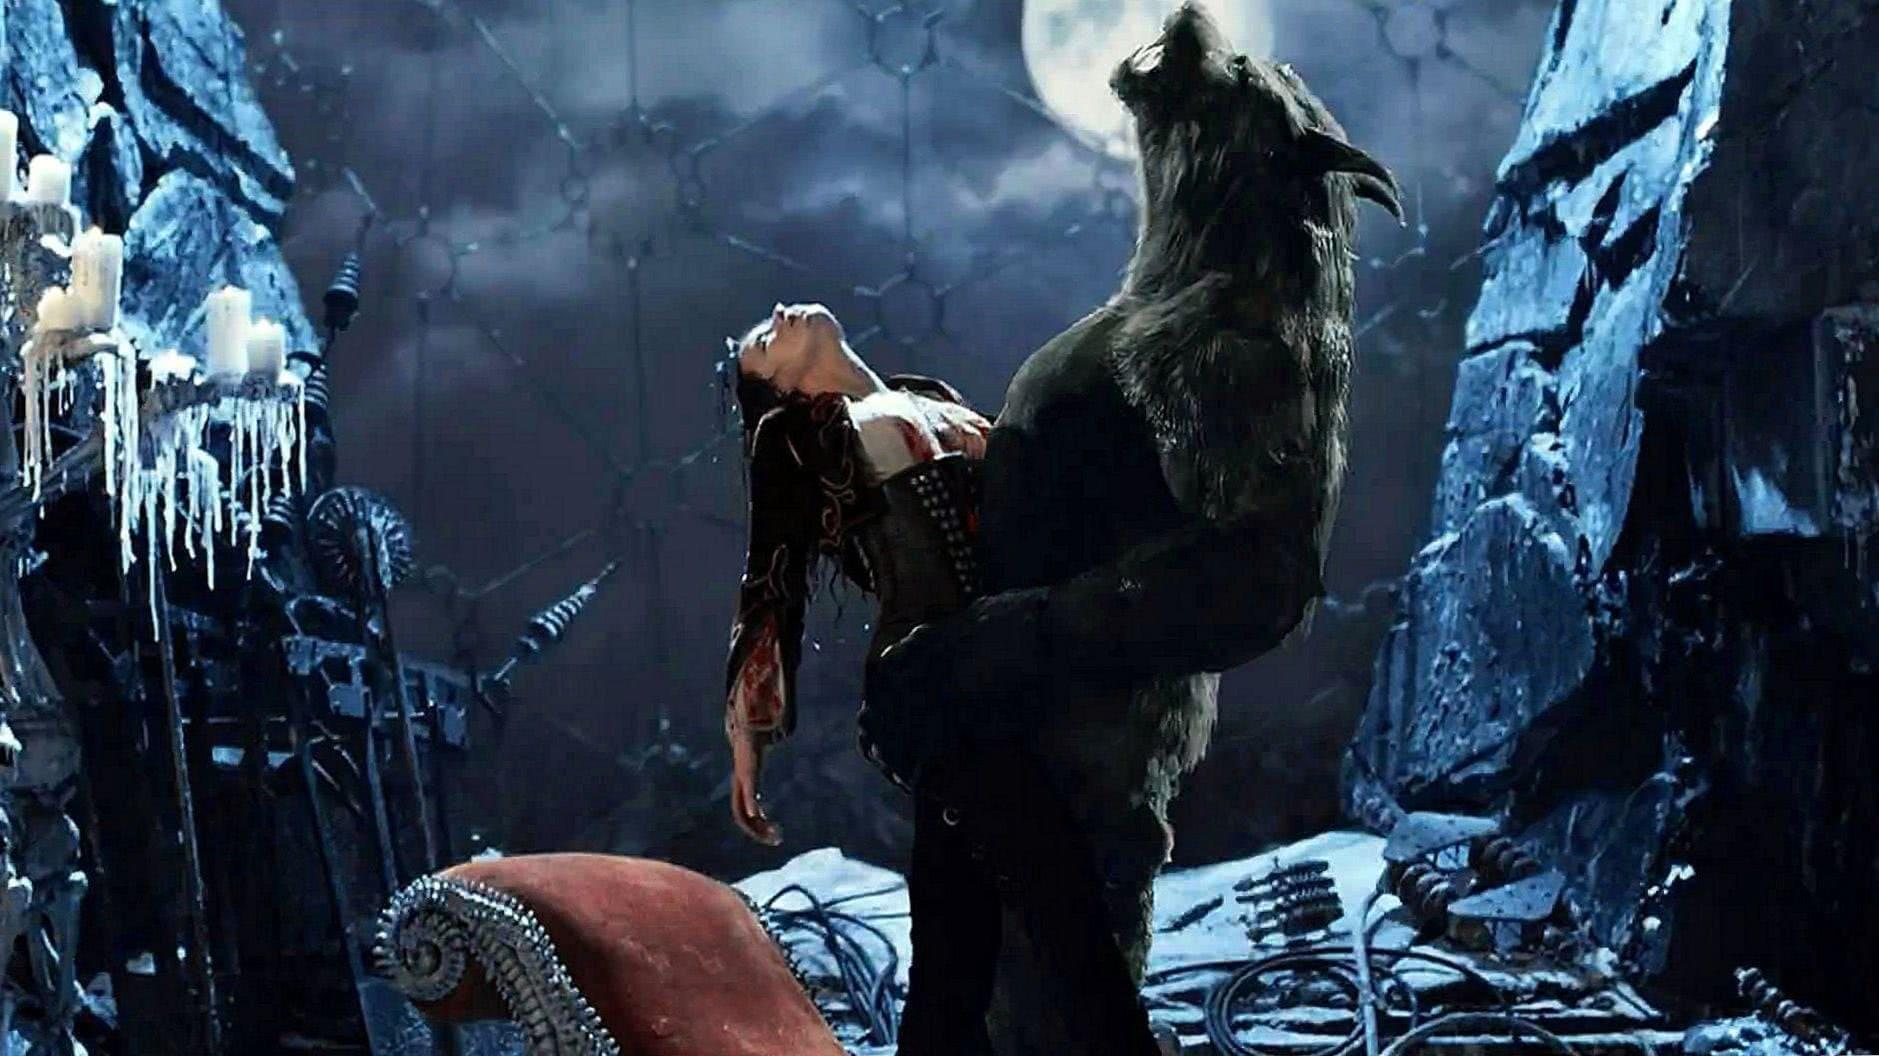 Van Helsing Werewolf Wallpapers HD